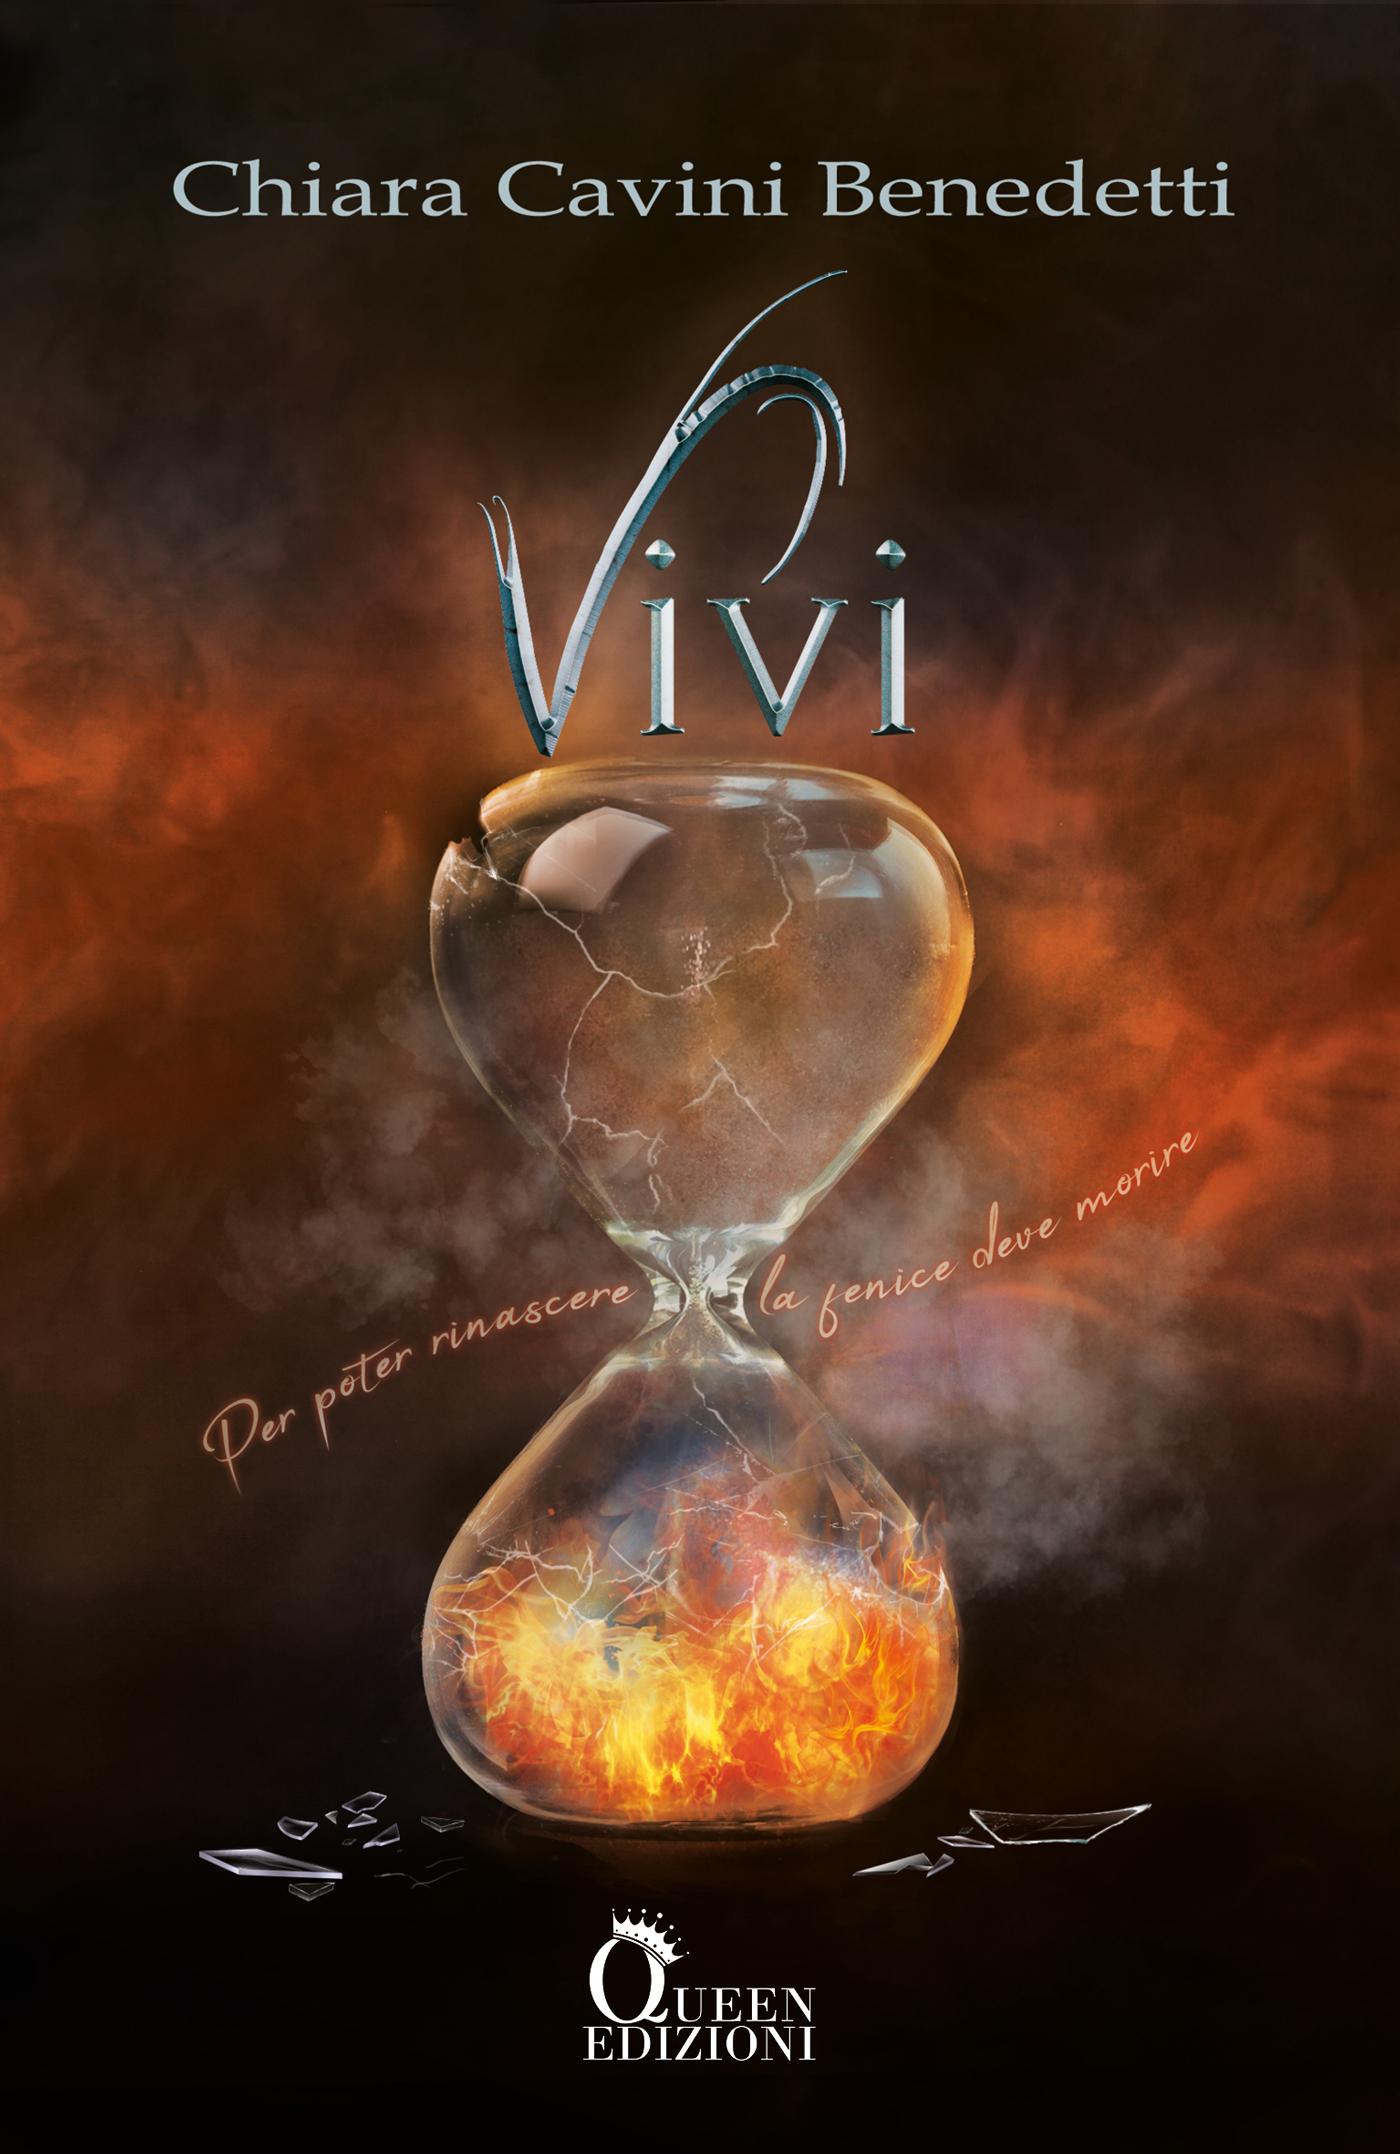 Cover reveal, Vivi di Chiara Cavini Benedetti